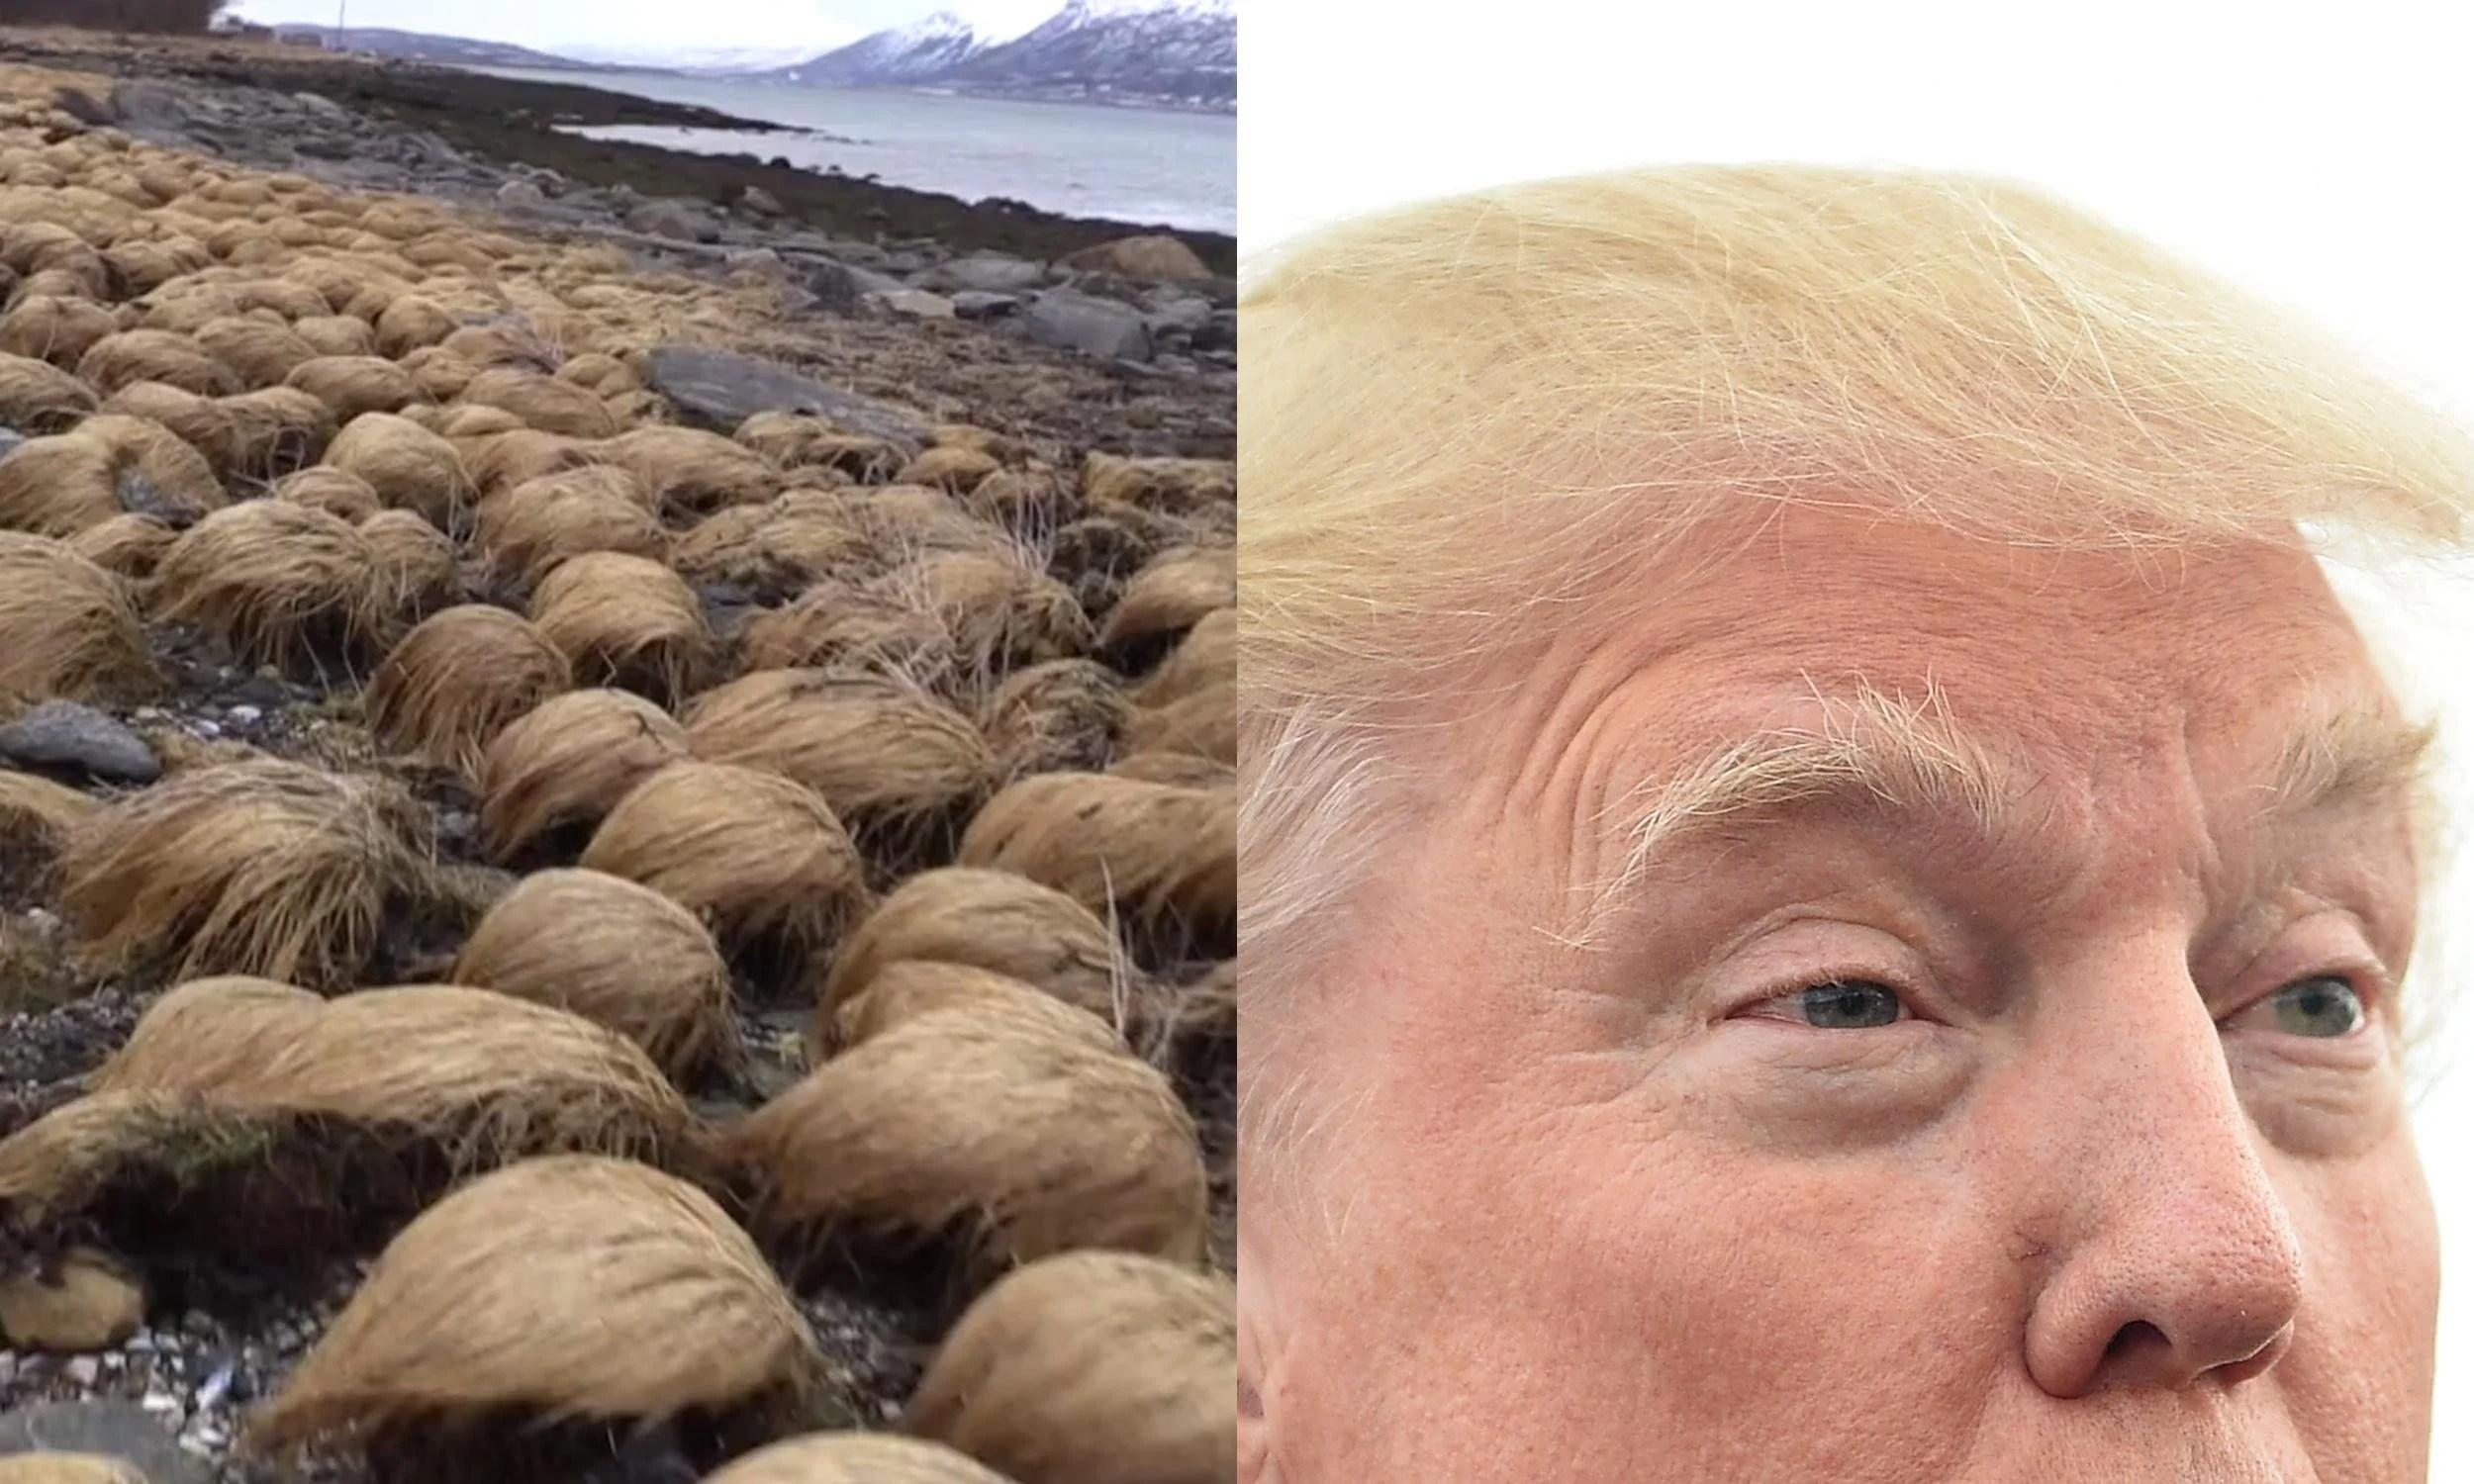 15 Trump Donald Look Things